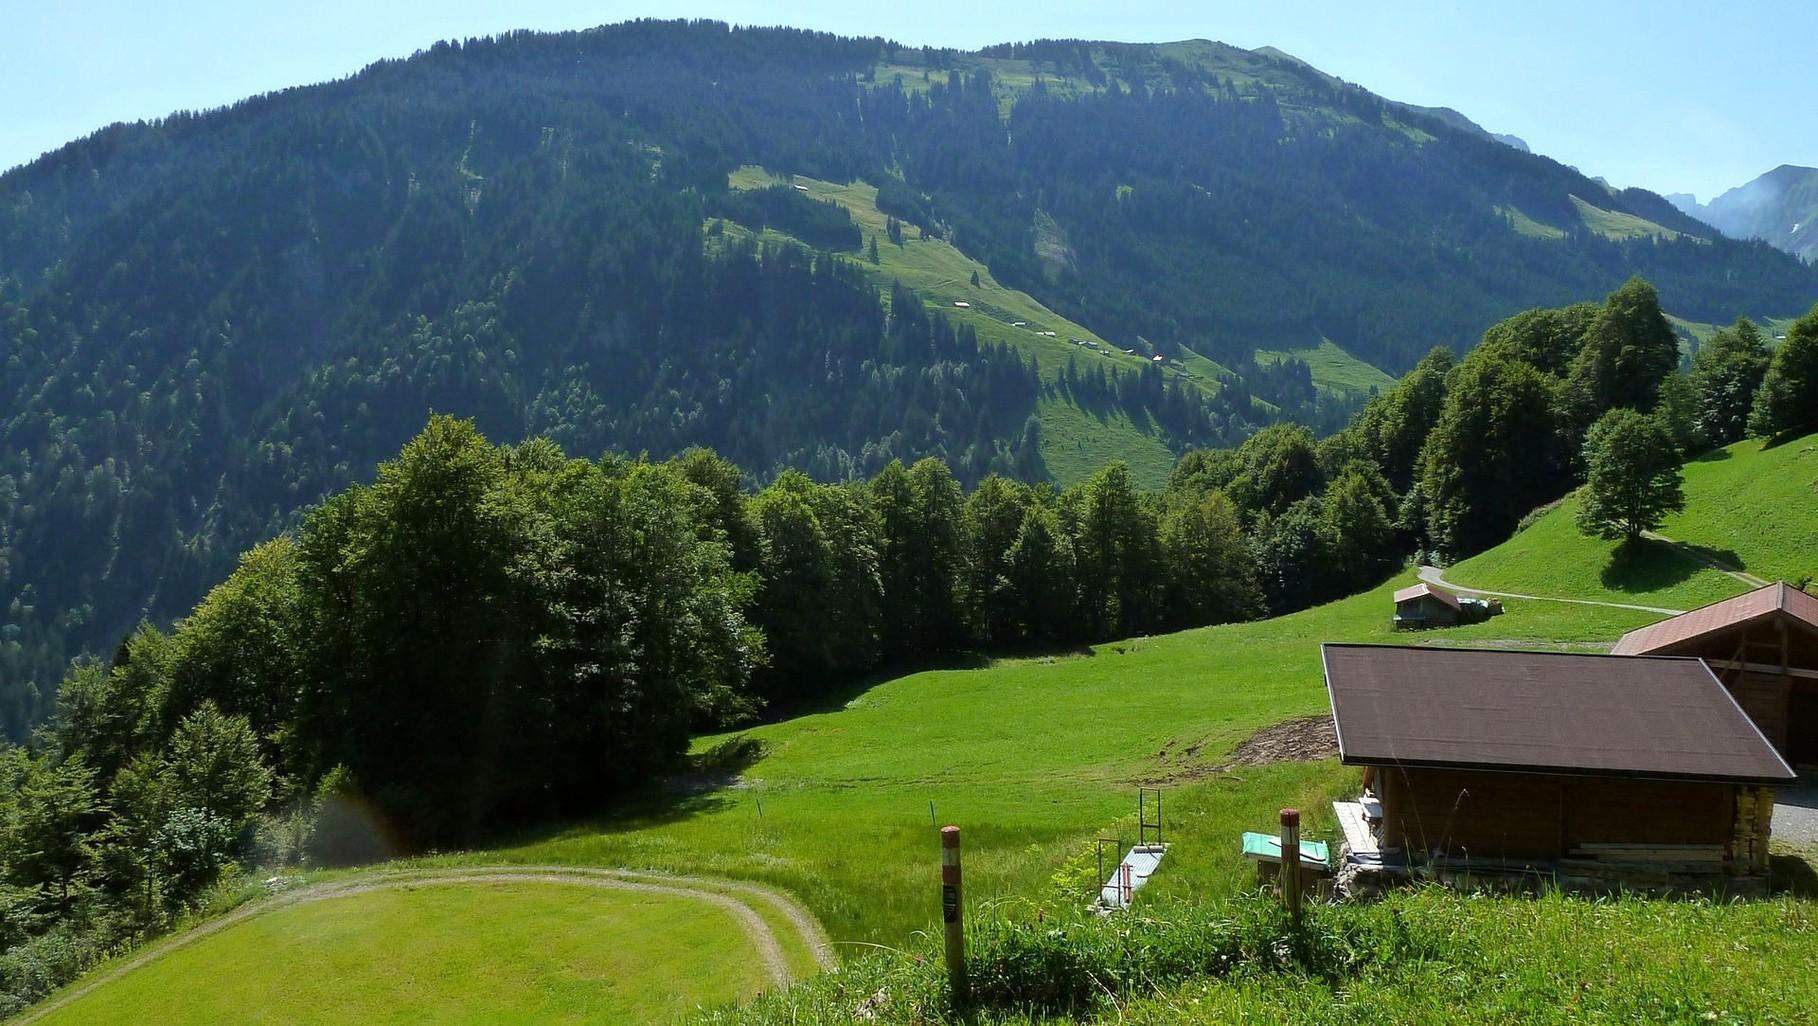 Rechts das Zufahrtssträßchen zum Alpengasthopf Edelweiß. Blick auf  Lug mit der Alpsiedlung Argen Vorsäß